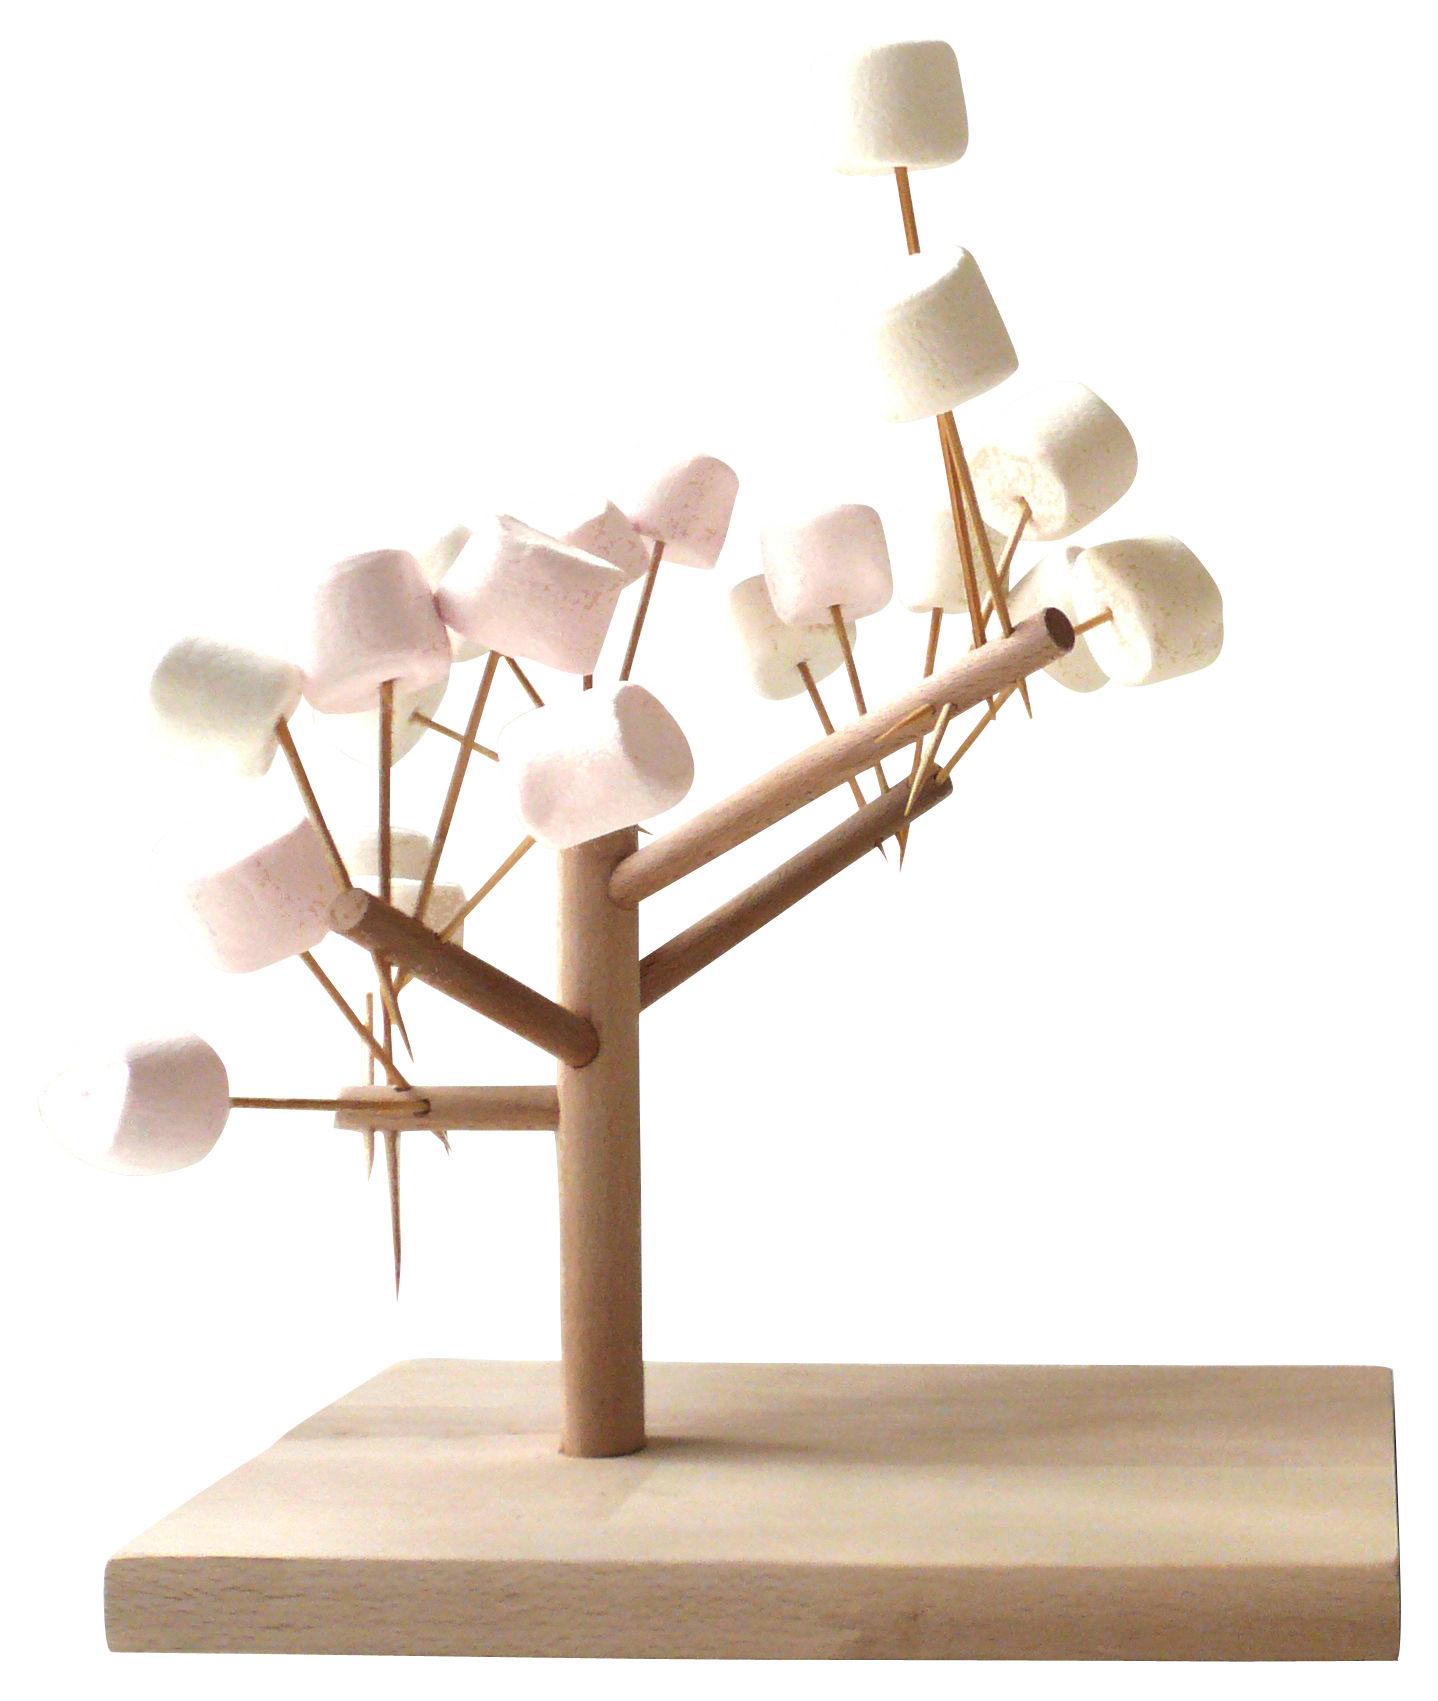 Déco - Tendance humour & décalage - Présentoir à nourriture Mangier - Arbre à manger arbre à manger - H 20 cm - Smarin - Hêtre - H 20 cm - Hêtre